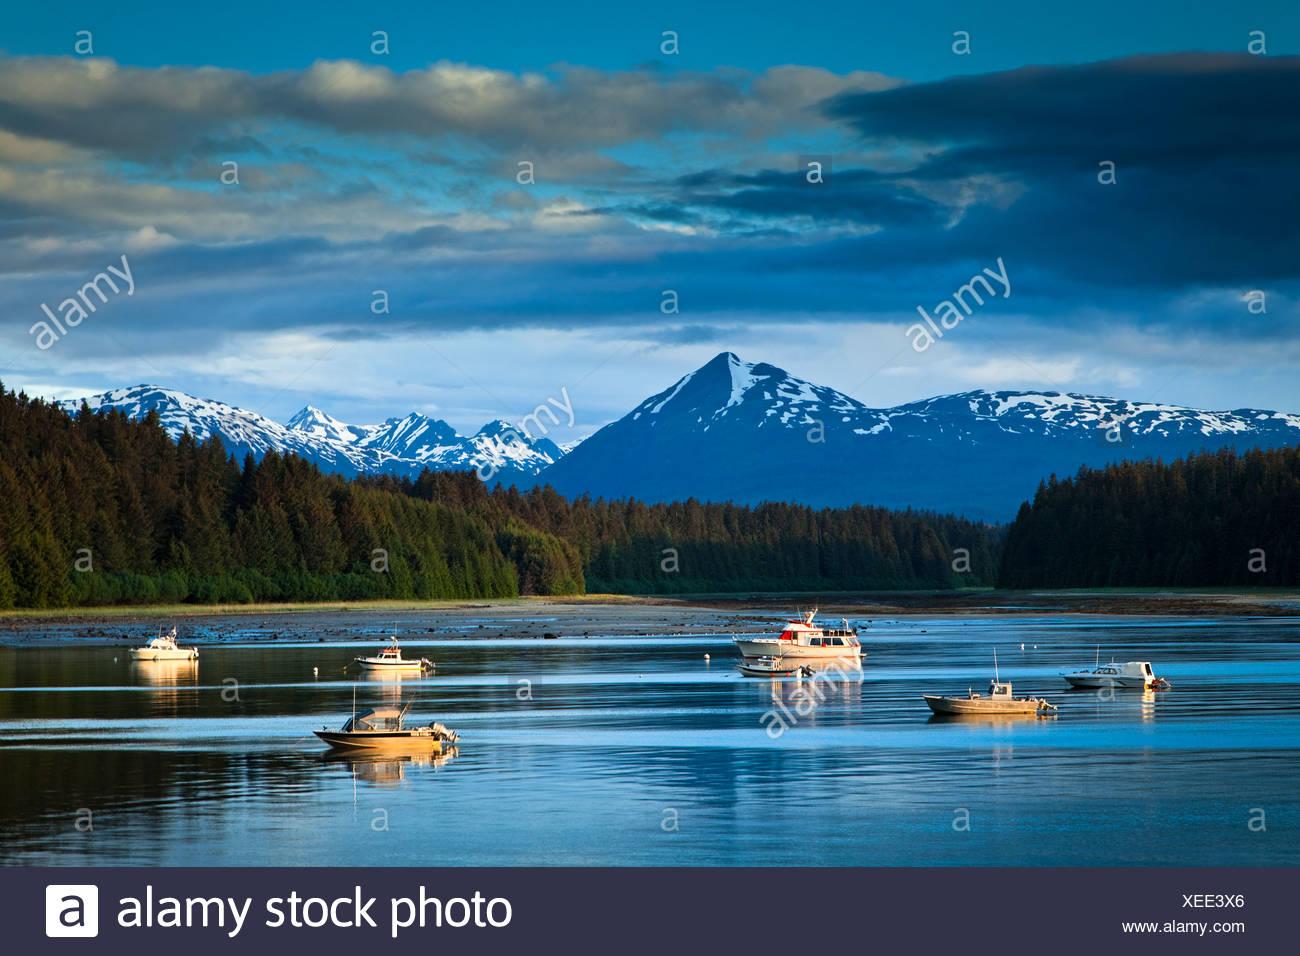 Schönen Abend Blick auf Bartlett Cove und vertäuten Fischerbooten, Glacier Bay Nationalpark & Preserve, südöstlichen Alaska, Sommer Stockbild